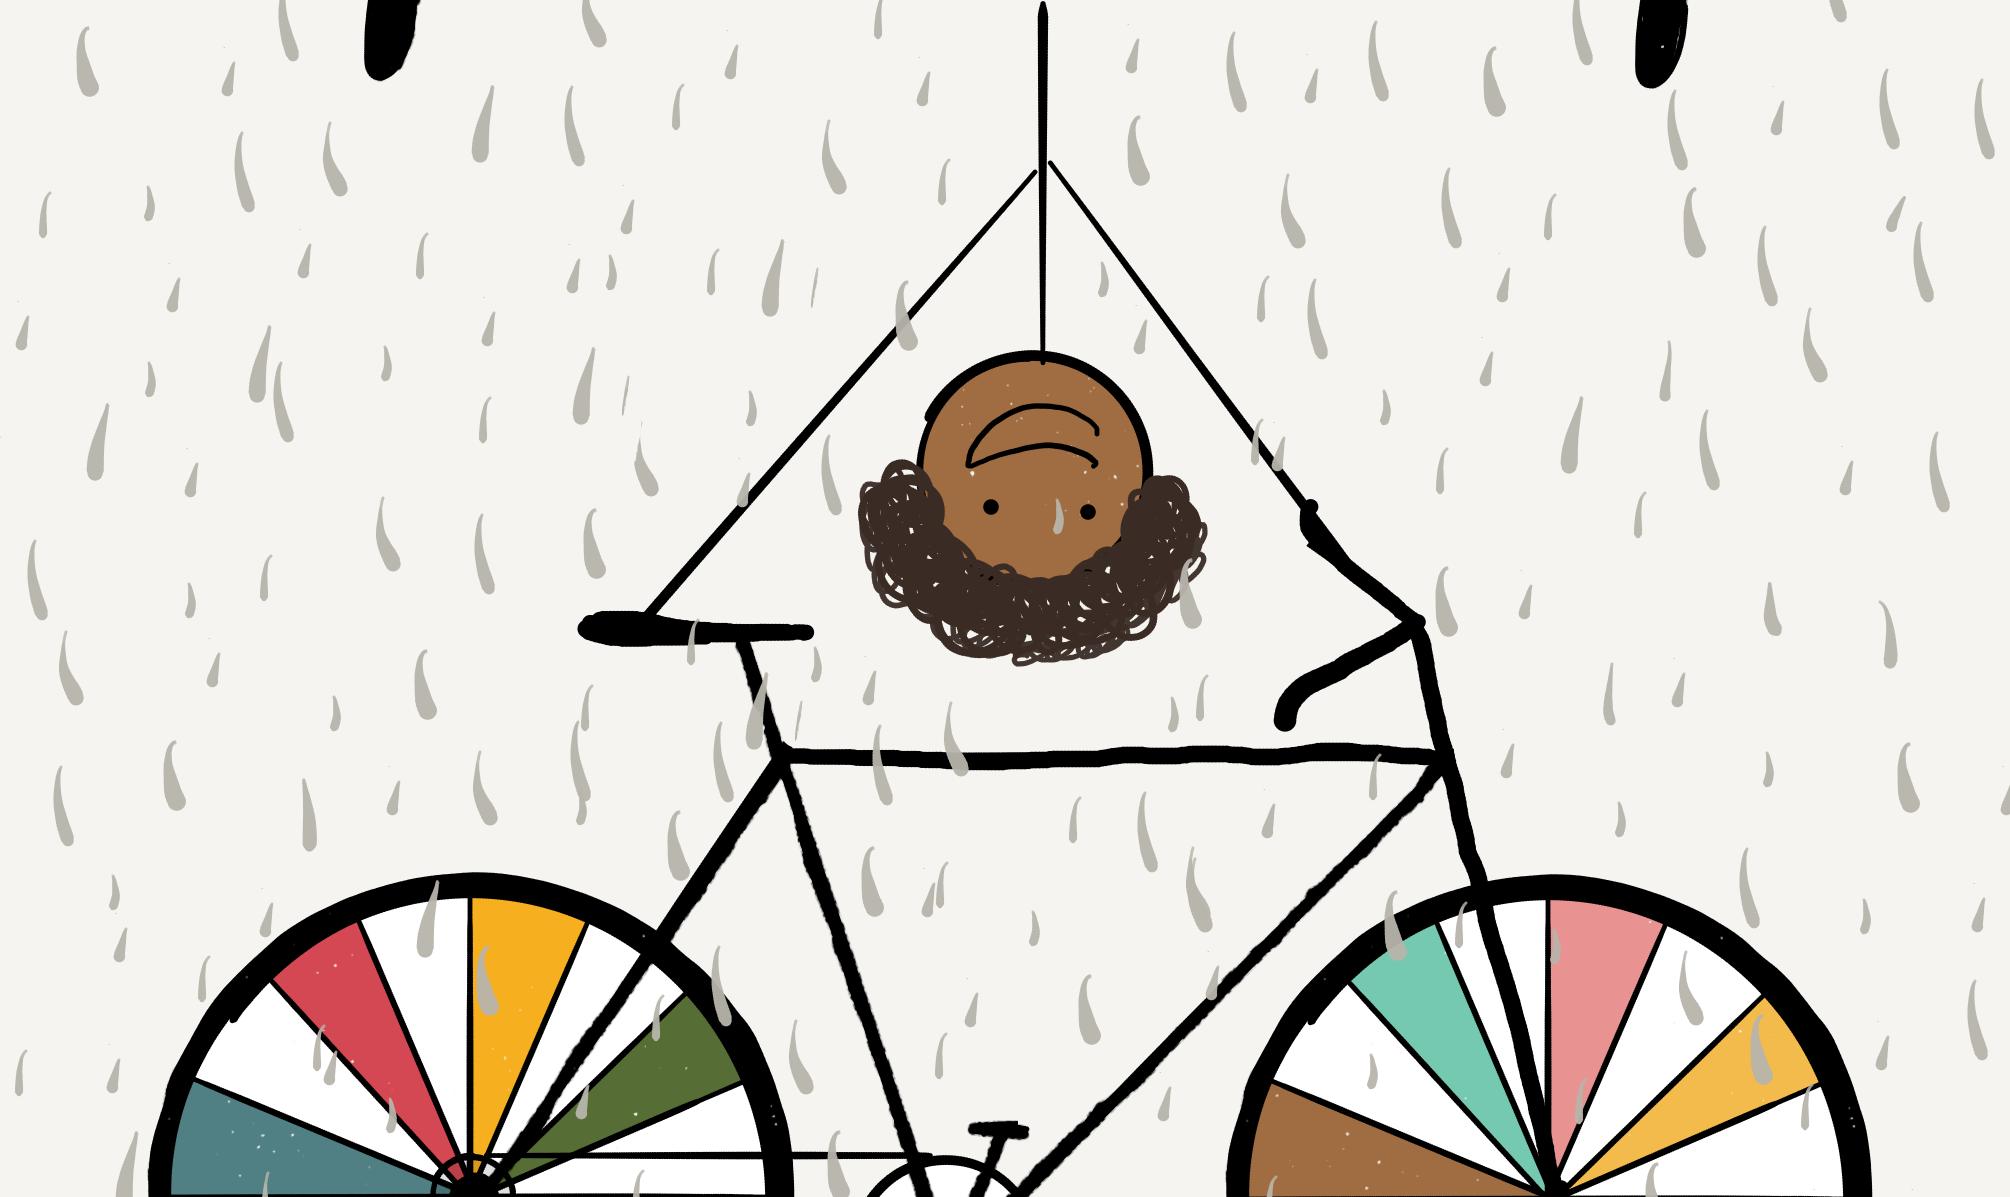 Bike + rain = smile